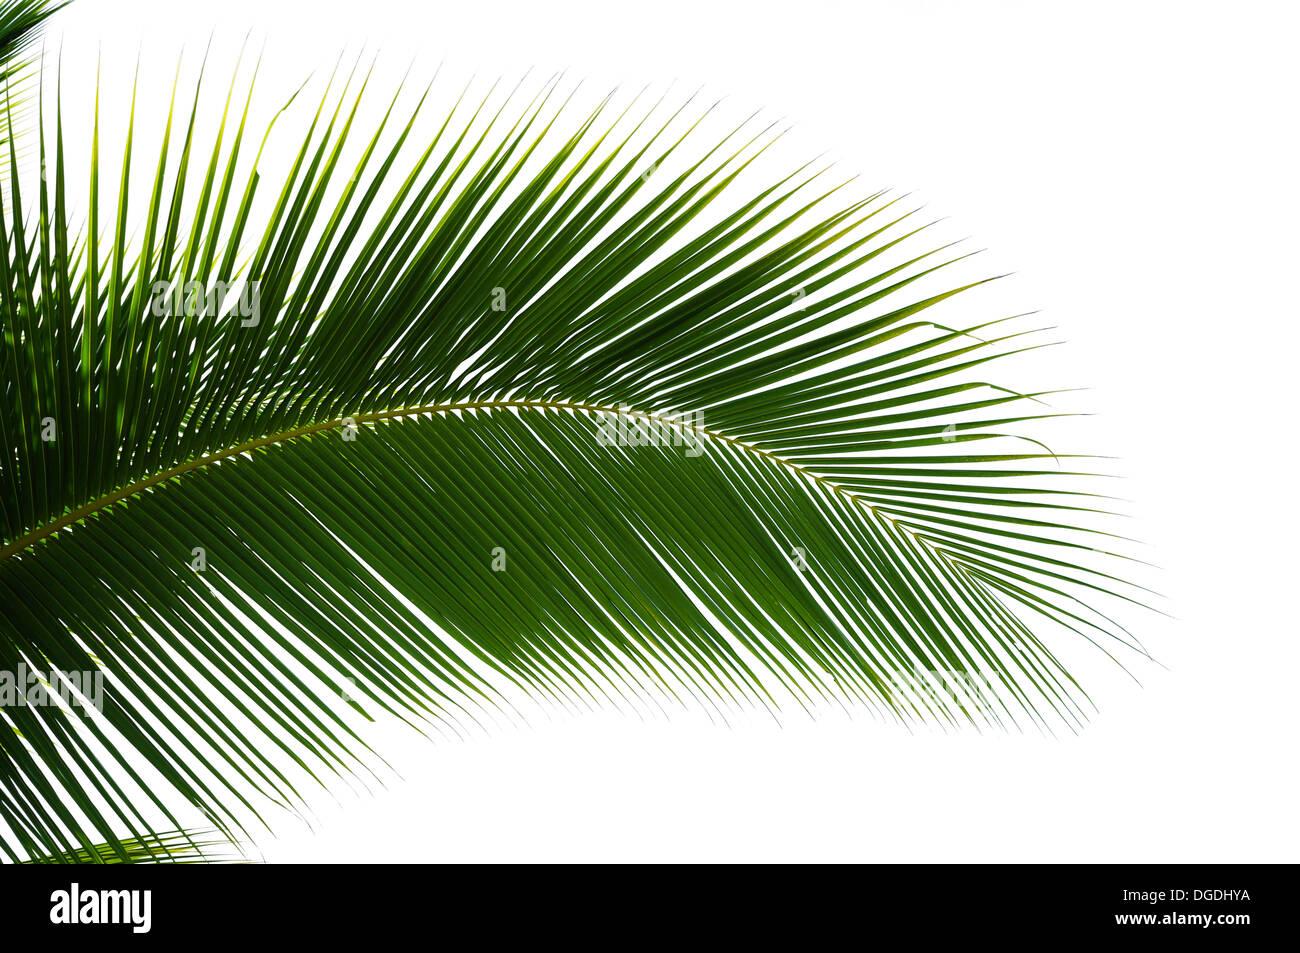 Foglia di palma da cocco albero isolato su sfondo bianco Immagini Stock